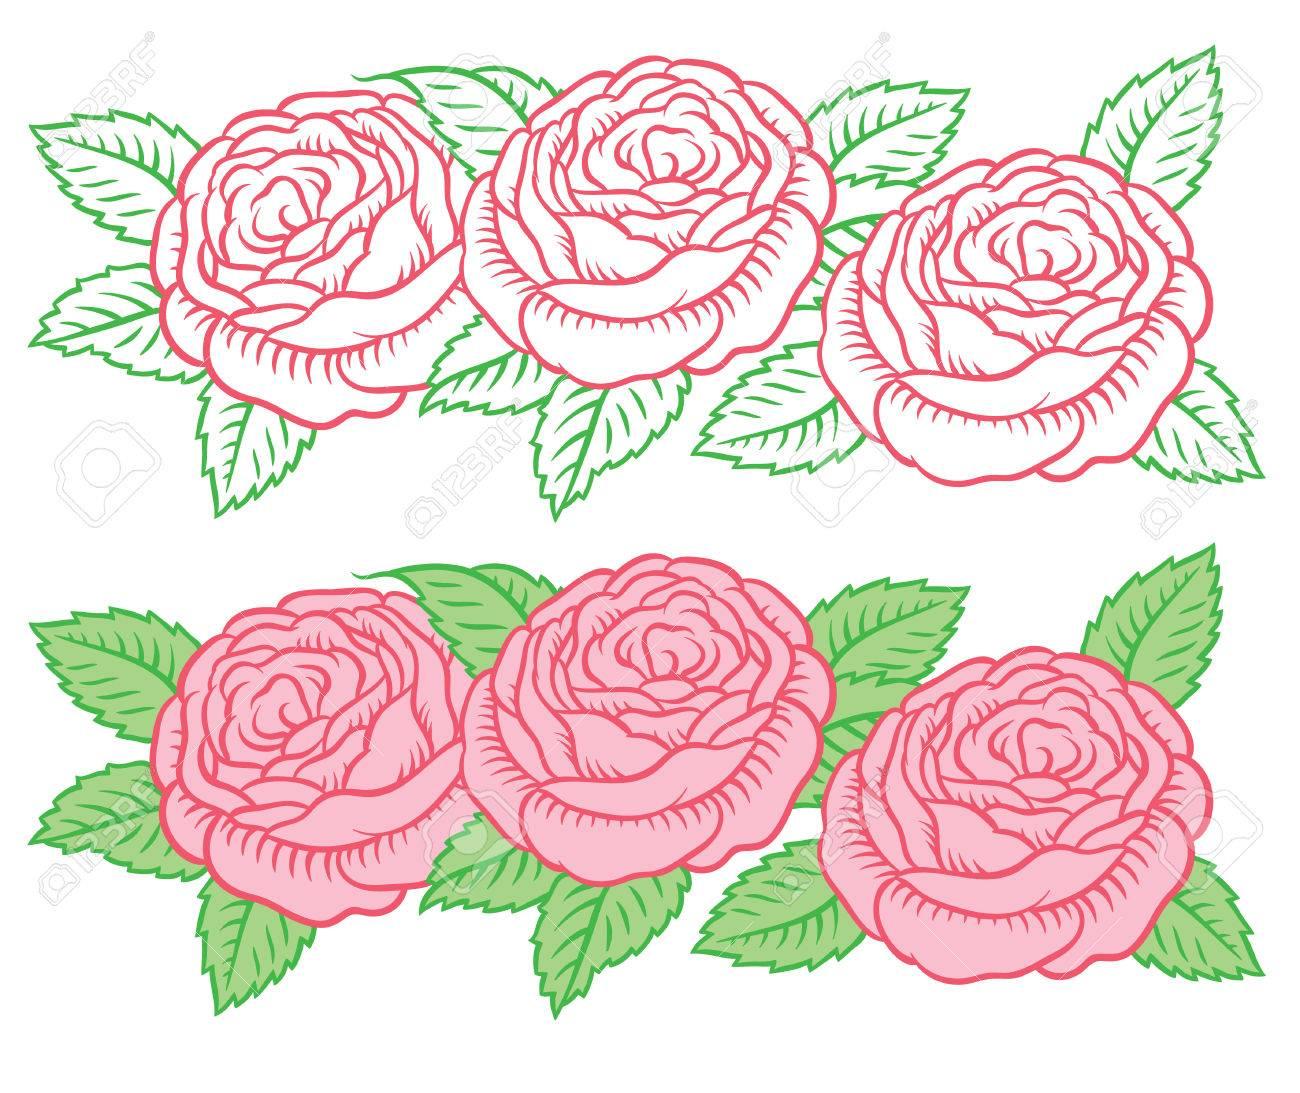 vecteur dessin guirlande de fleurs - roses dans un style rétro